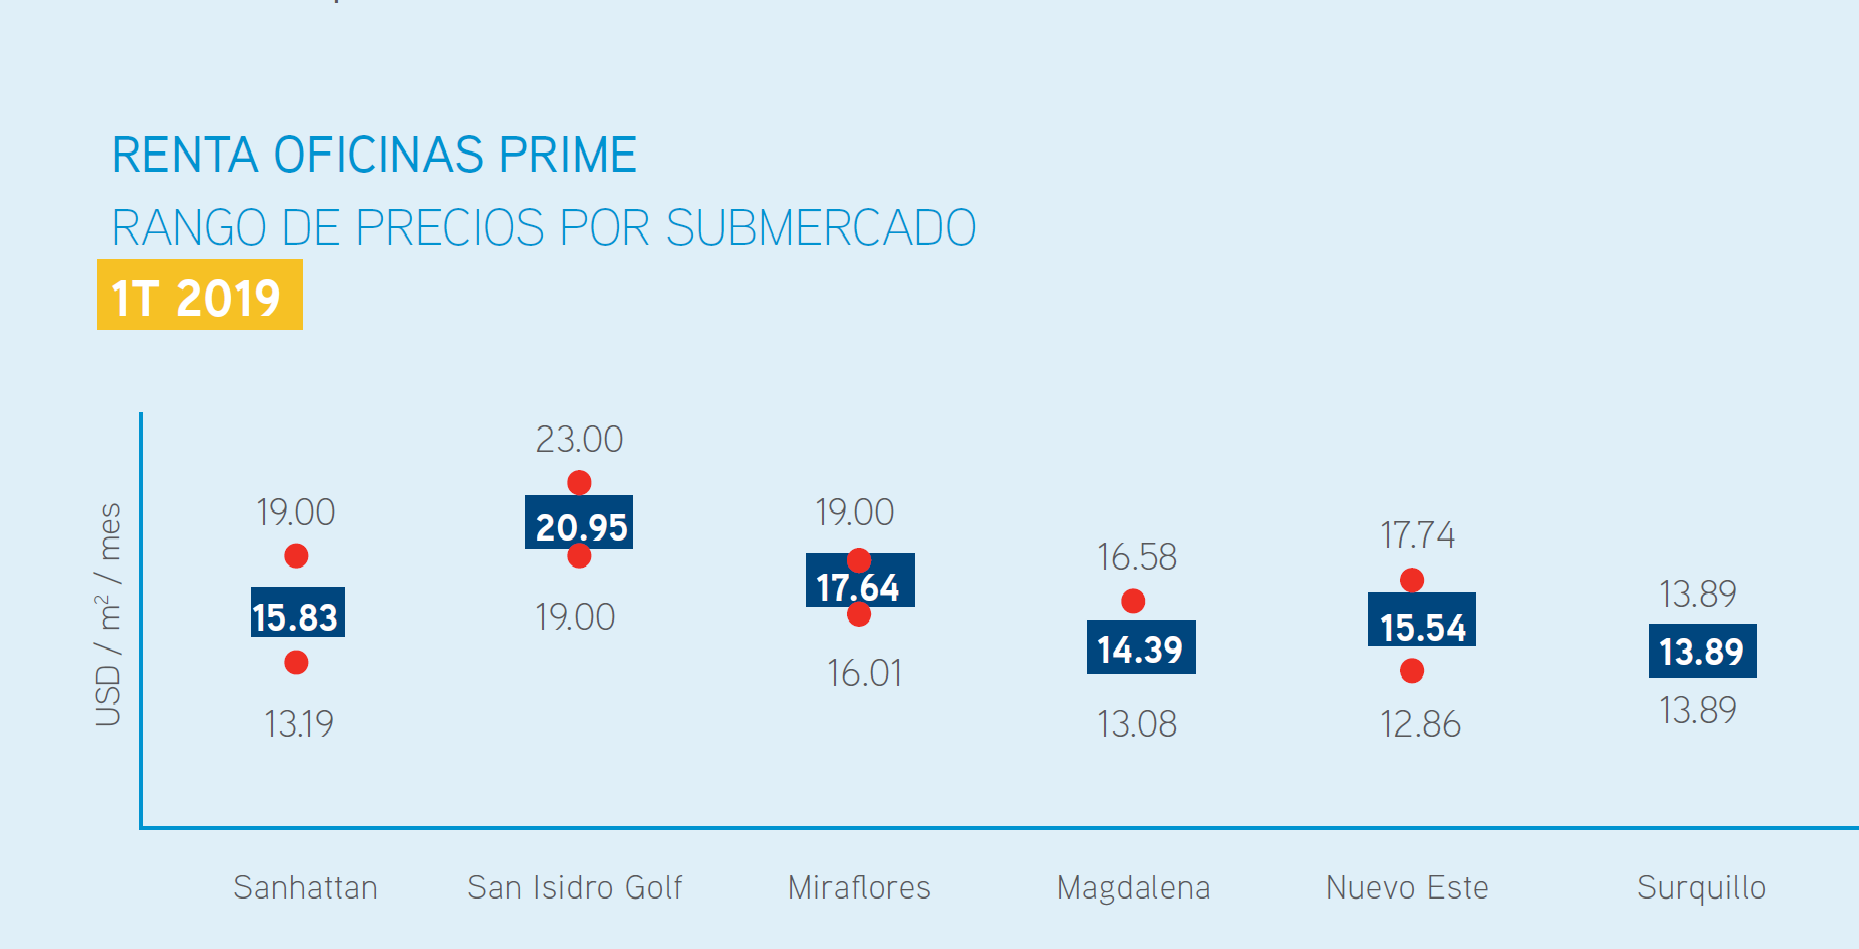 Rango de precios de oficinas prime en Lima (Colliers).